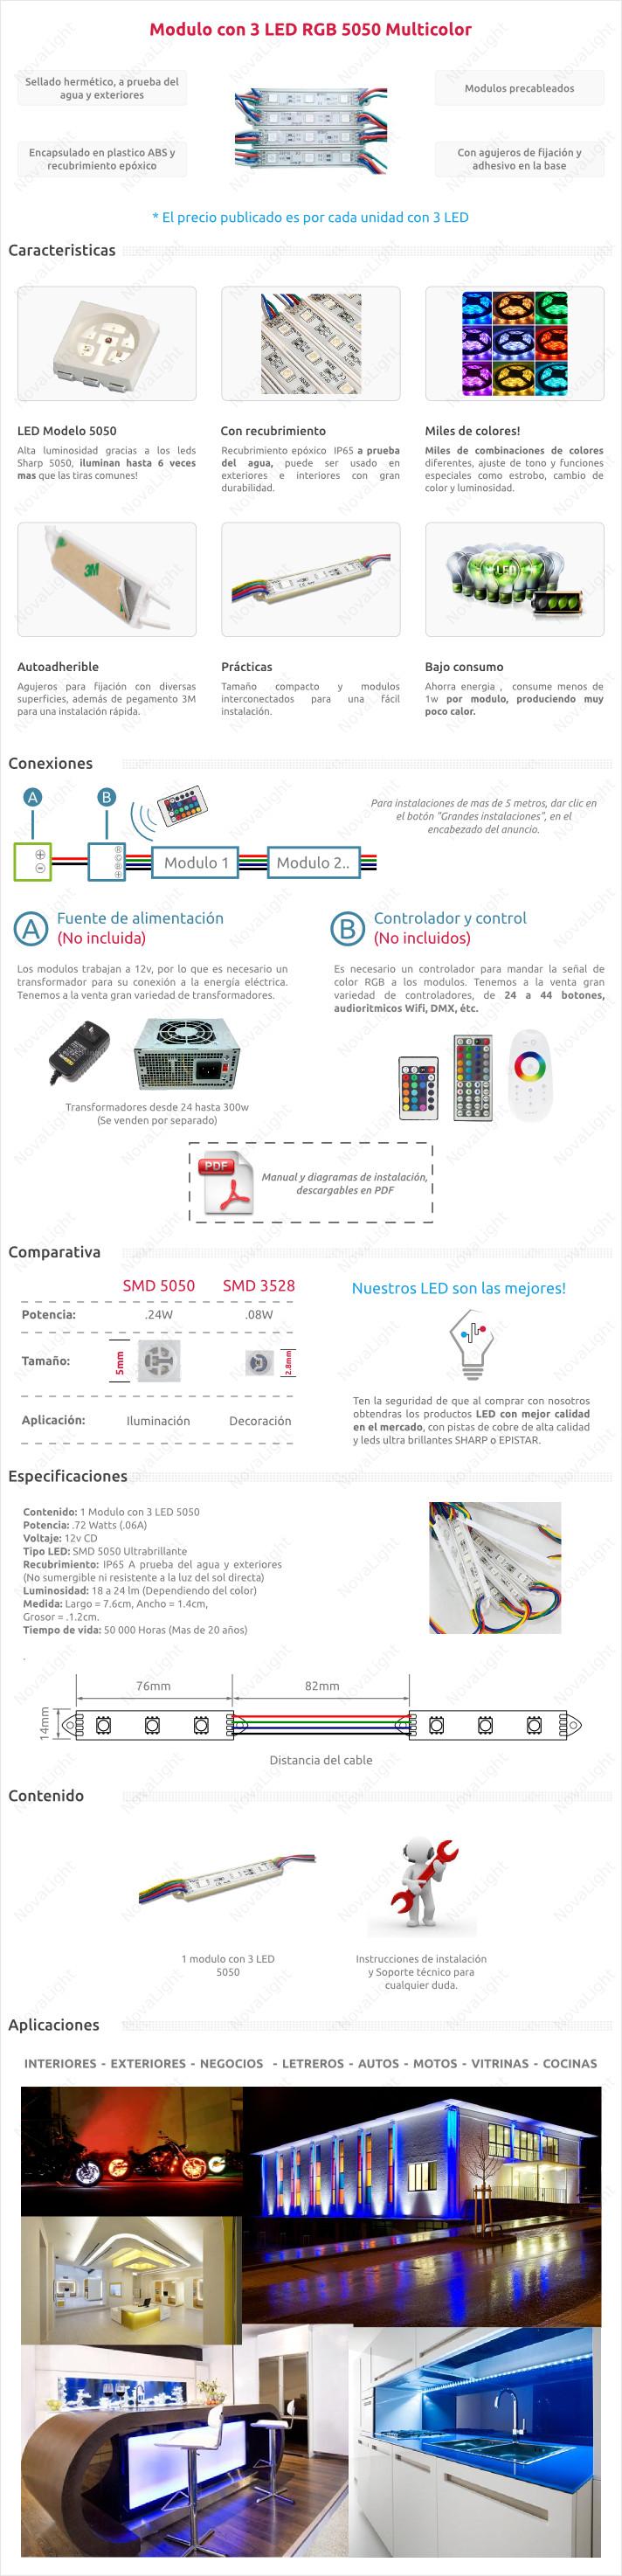 Modulo de 3 LED 5050 RGB Multicolor con Recubrimiento